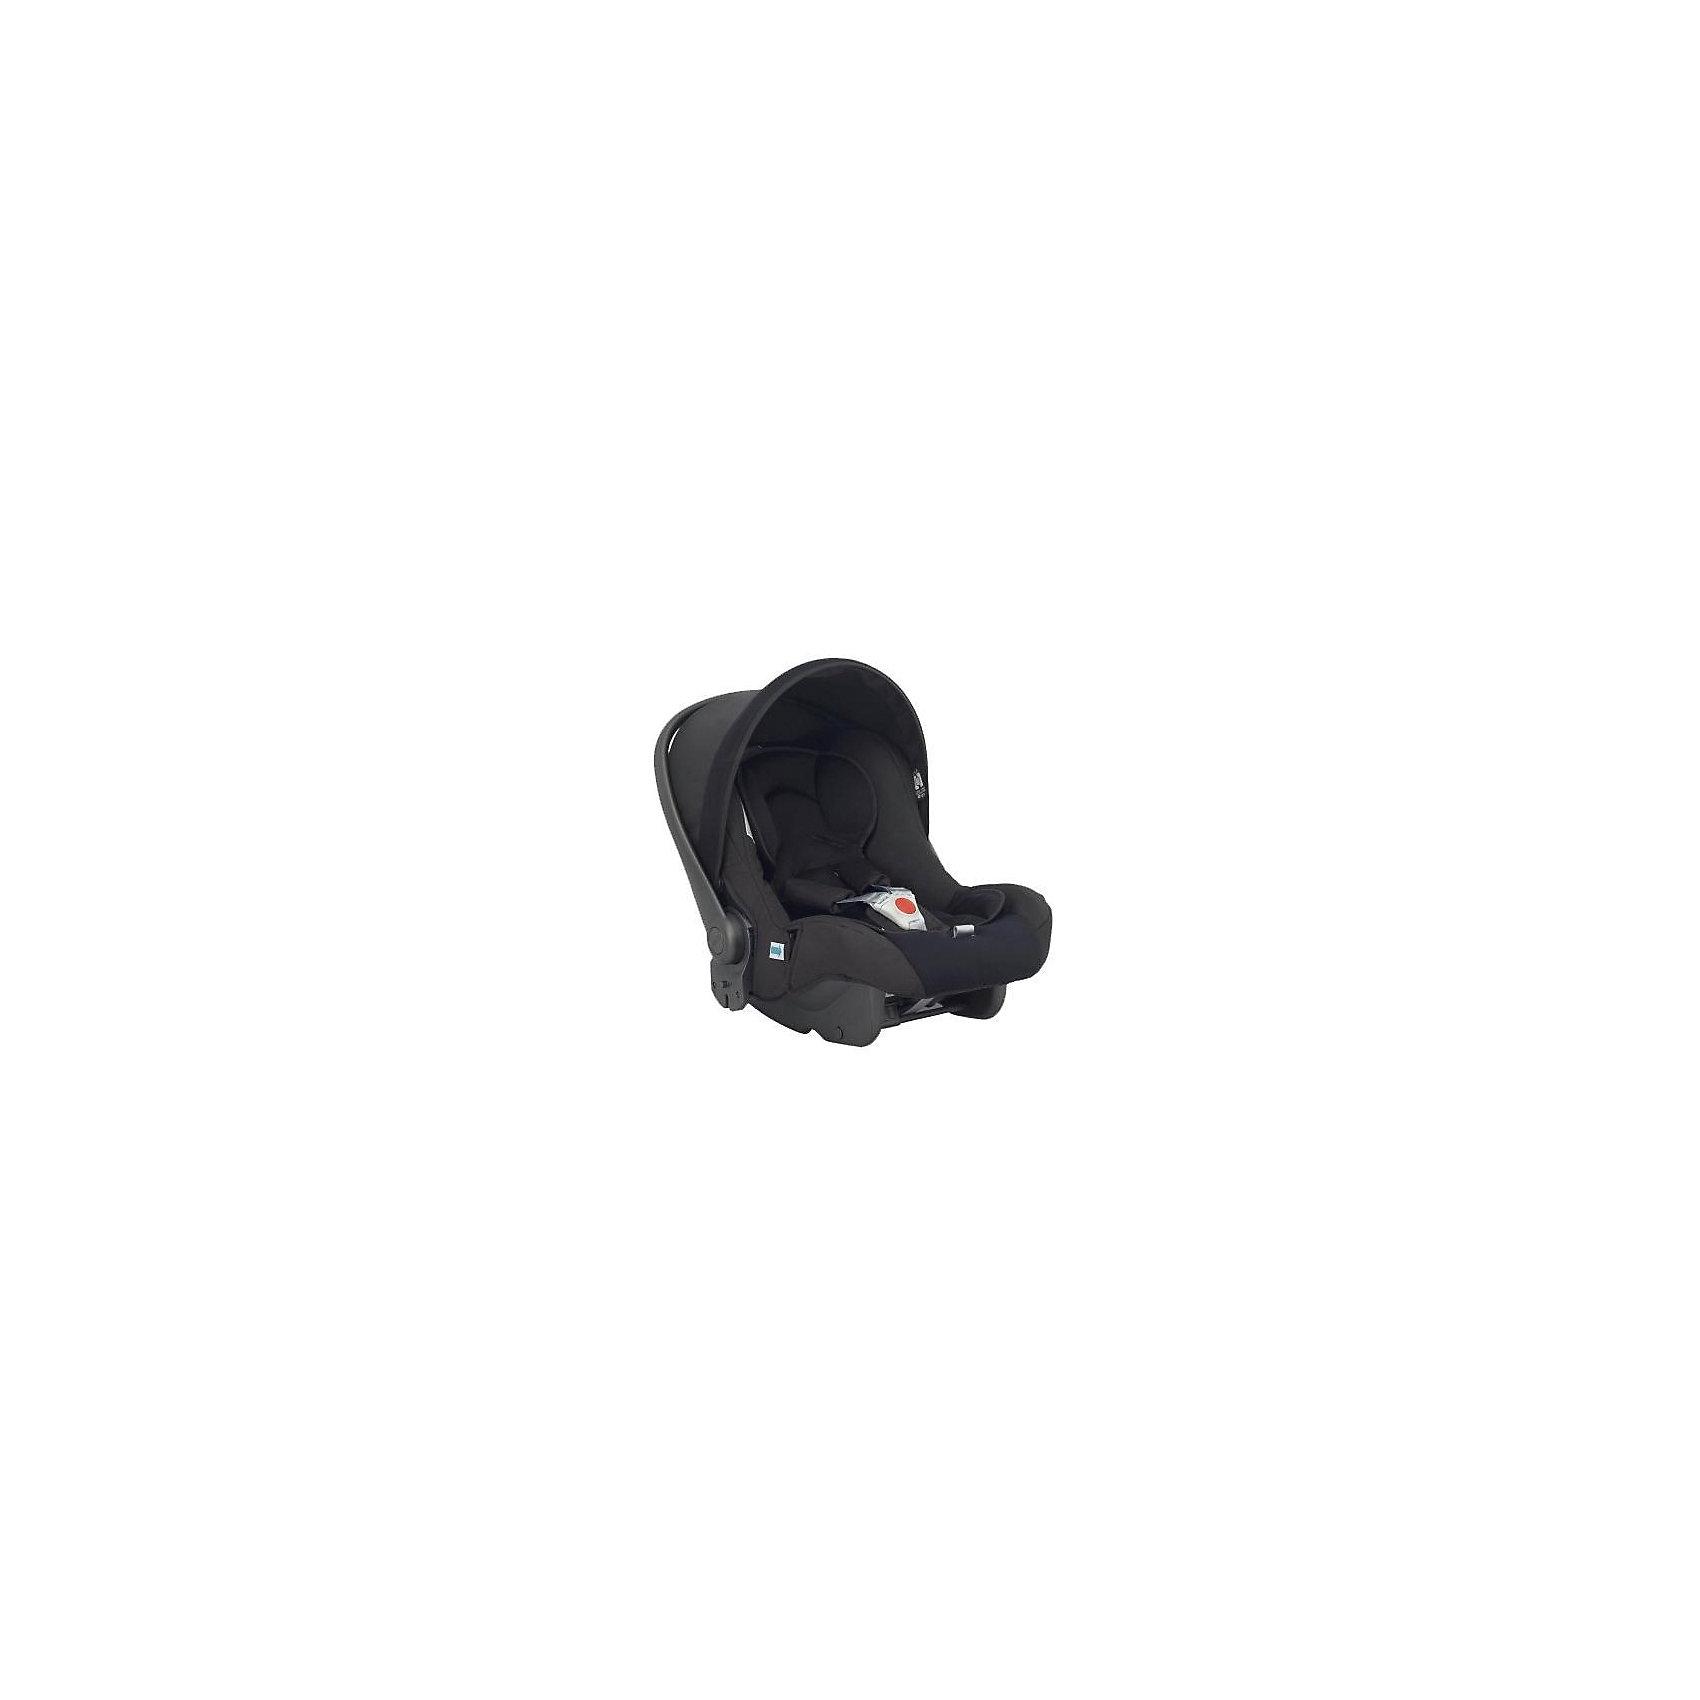 Автокресло Huggy Avio MFX Pir Black, 0-13 кг., Inglesina, чёрныйHuggy Avio Multifix от Inglesina (Инглезина) - это уникальное автокресло для тех кто ценит качество и высокий уровень комфорта. Кресло имеет европейский сертификат безопасности и в нем использована передовая система Side Head Protection (боковая защита головы ребенка). Благодаря удобным направляющим кресло очень просто установить в автомобиле. Автокресло Huggy Avio MFX может стать одним из звеньев в удобной транспортной системе Travel System Вашего малыша. Оно легко устанавливается на любое шасси Inglesina (Инглезина) благодаря чему, Вы можете перемещать ребенка из автомобиля в коляску не нарушая его сон! Качественная обивка сидения невероятно мягкая, что очень важно для новорожденных детей! Кресло Huggy Avio MFX оснащено анатомической подушкой, препятствующей скольжению, поэтому малыш всегда будет находиться в правильном положении во время поездки. Сиденье надежно крепится штатными ремнями безопасности автомобиля против хода движения. Дополнительный комфорт обеспечивает удобный козырек, который эффективно защитит малыша от сквозняков и яркого солнца. Ручка для переноски и козырек регулируются отдельно, что дает возможность подобрать идеальное положение. Huggy Avio MFX от Inglesina (Инглезина) - это удобство путешествий с малышом с самого рождения!<br><br>Дополнительная информация:<br><br>- Группа: 0+ (от 0 до 13 кг);<br>- Соответствует европейскому стандарту безопасности ECE R44/03;<br>- Усиленная боковая защита SHP;<br>- 4 положения эргономичной ручки для переноски;<br>- Комфортный мягкий вкладыш защищает от скольжения;<br>- Можно использовать в качестве переноски;<br>- Можно устанавливать на шасси;<br>- Отдельно можно приобрести базу Isofix;<br>- Легко укачивать малыша в дороге;<br>- Внутренние трехточечные ремни безопасности;<br>- Устанавливается в автомобиле спиной по направлению движения;<br>- Съемную обивку можно стирать;<br>- Цвет: Pir Black (черный);<br>- Размер (ДхШхВ): 68 х 42 х 55 см;<br>- В